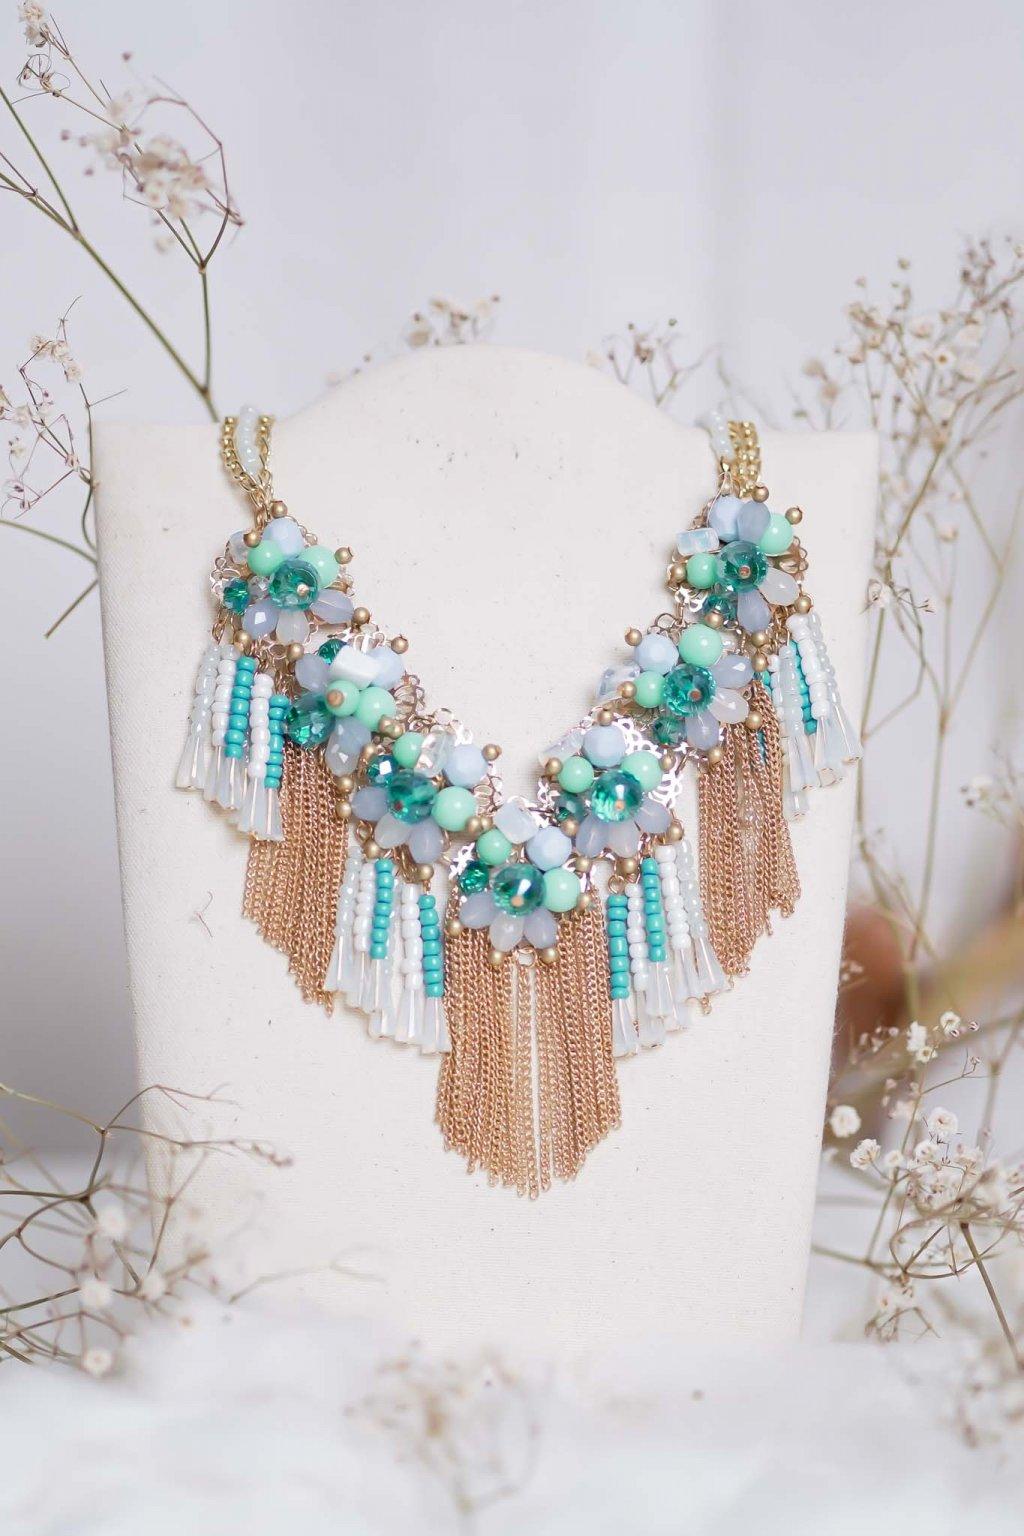 náhrdelník, spoločenský, bežný deň, kamienkový, farebný, čierny, strieborný, zelený, cyklamenévy, náhrdelník, bižuteria, šperk, šperky, ples, stužková, svadba, 046